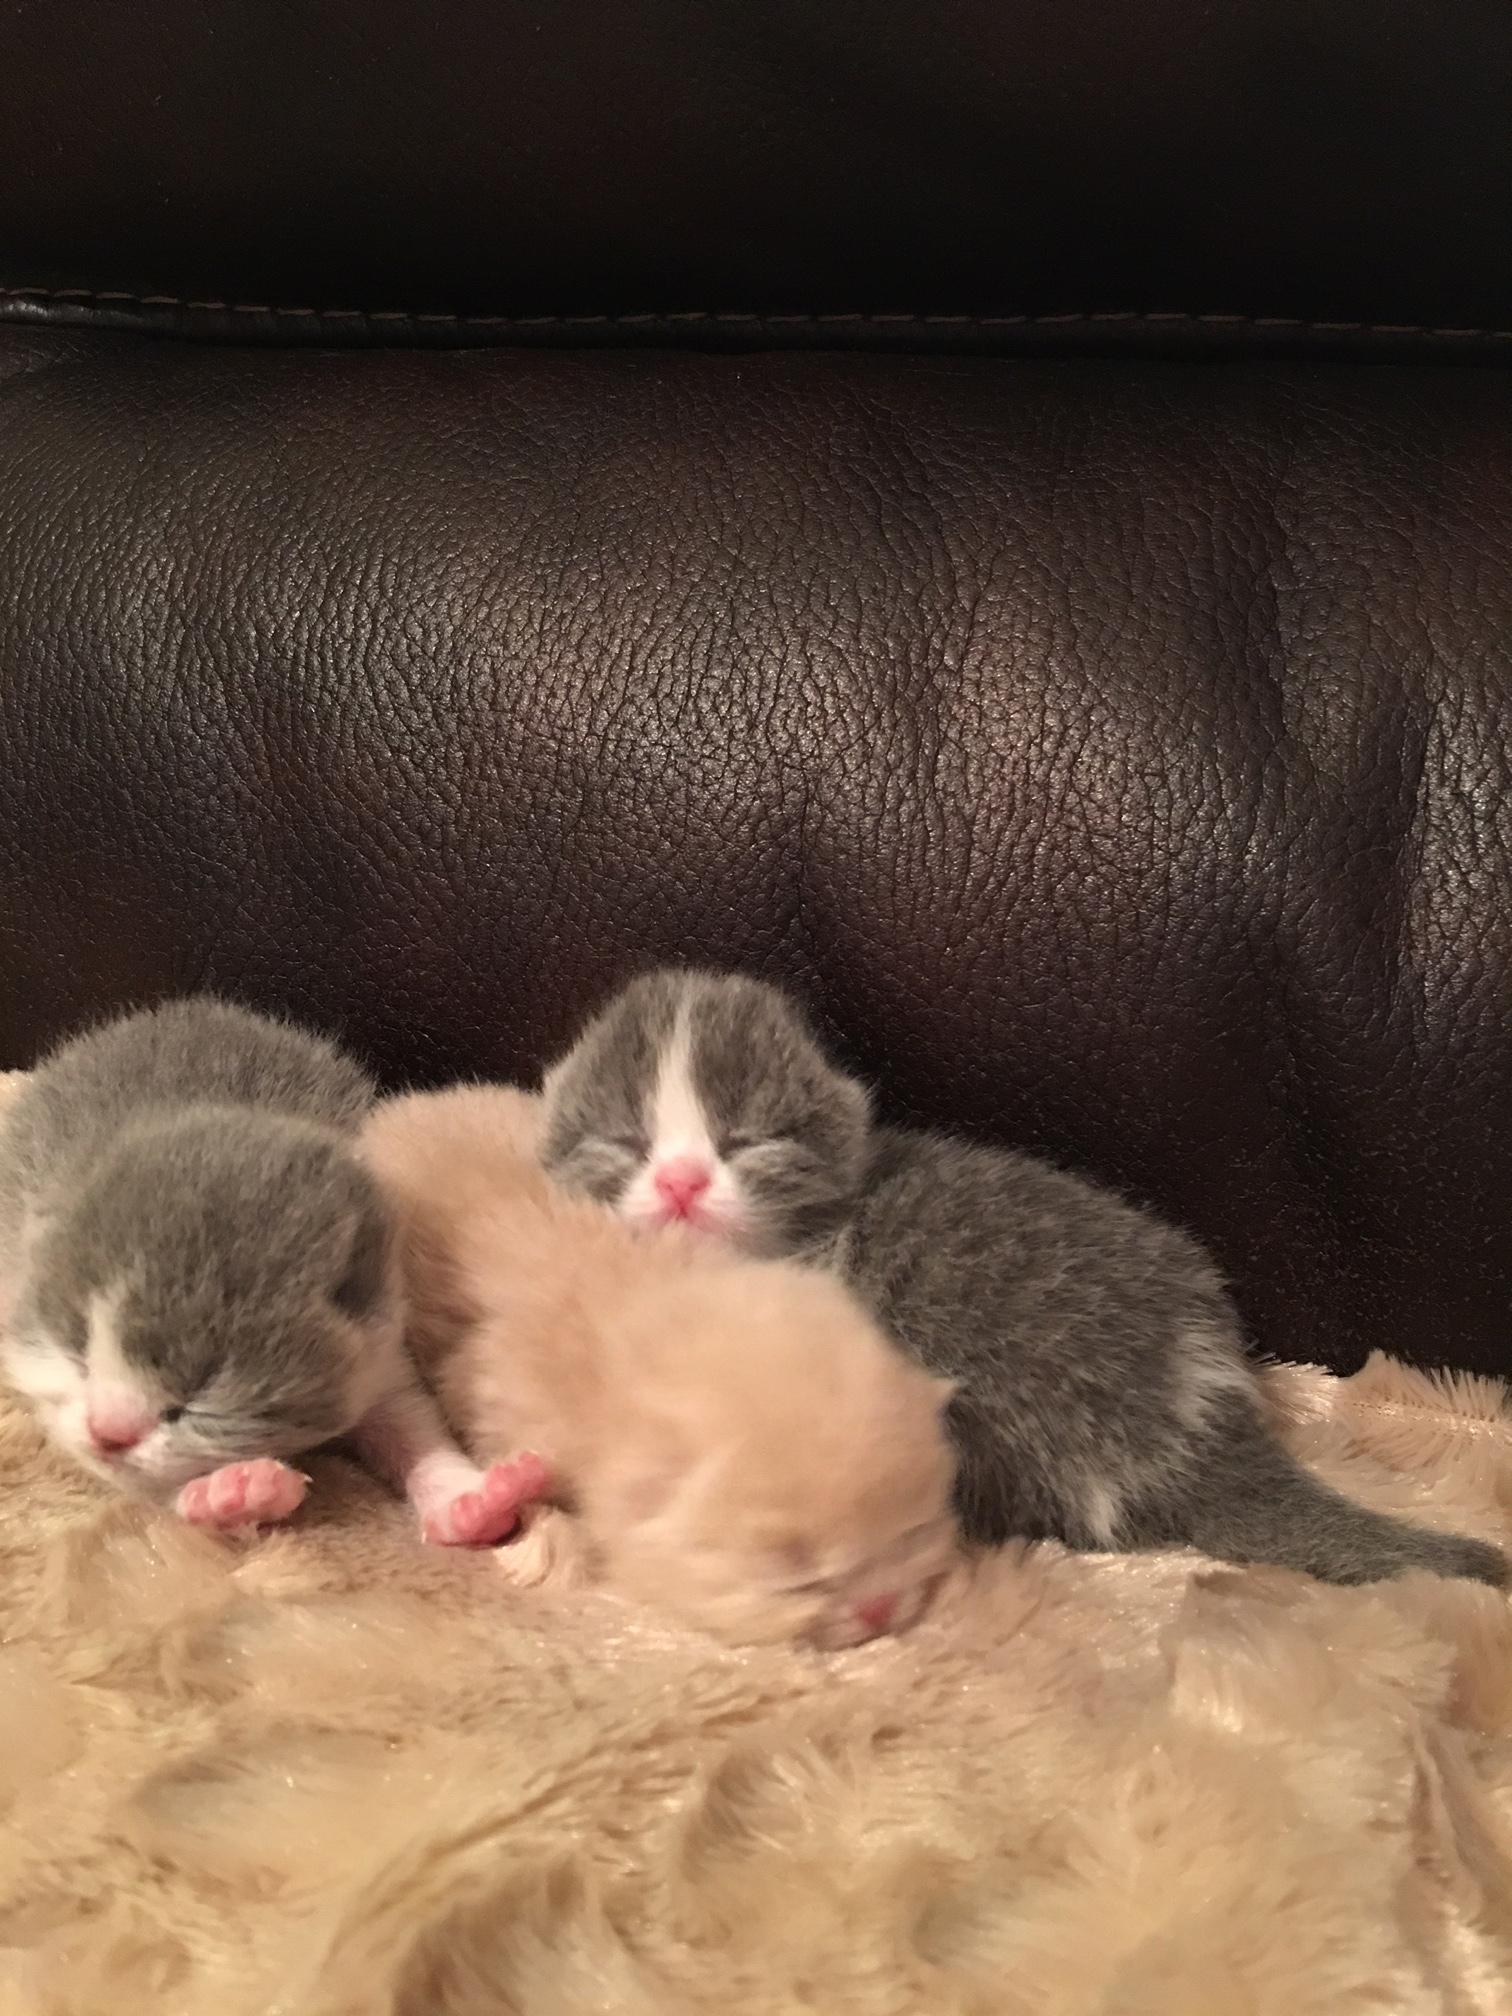 Kittens from june 30, 2016 Litter